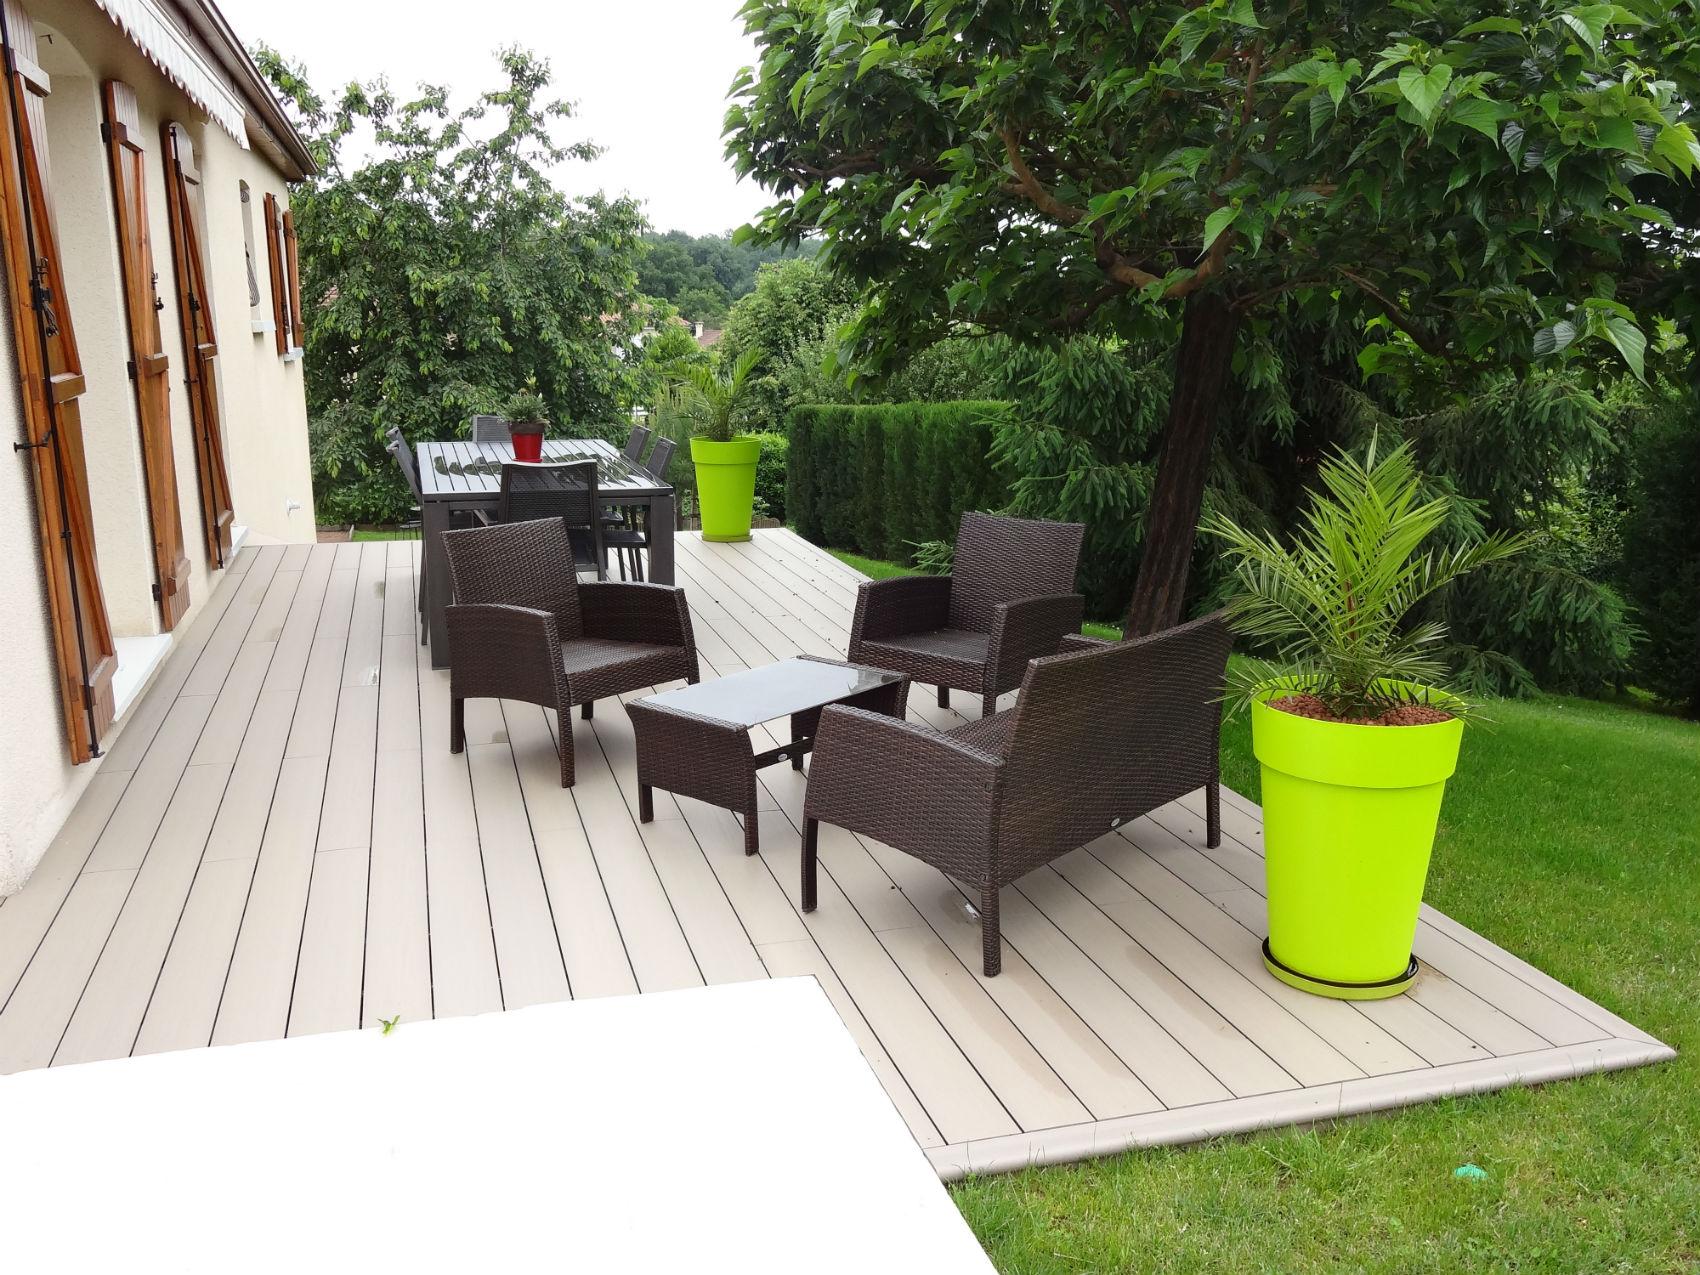 terrasses rebeyrol cr ateur de jardins. Black Bedroom Furniture Sets. Home Design Ideas